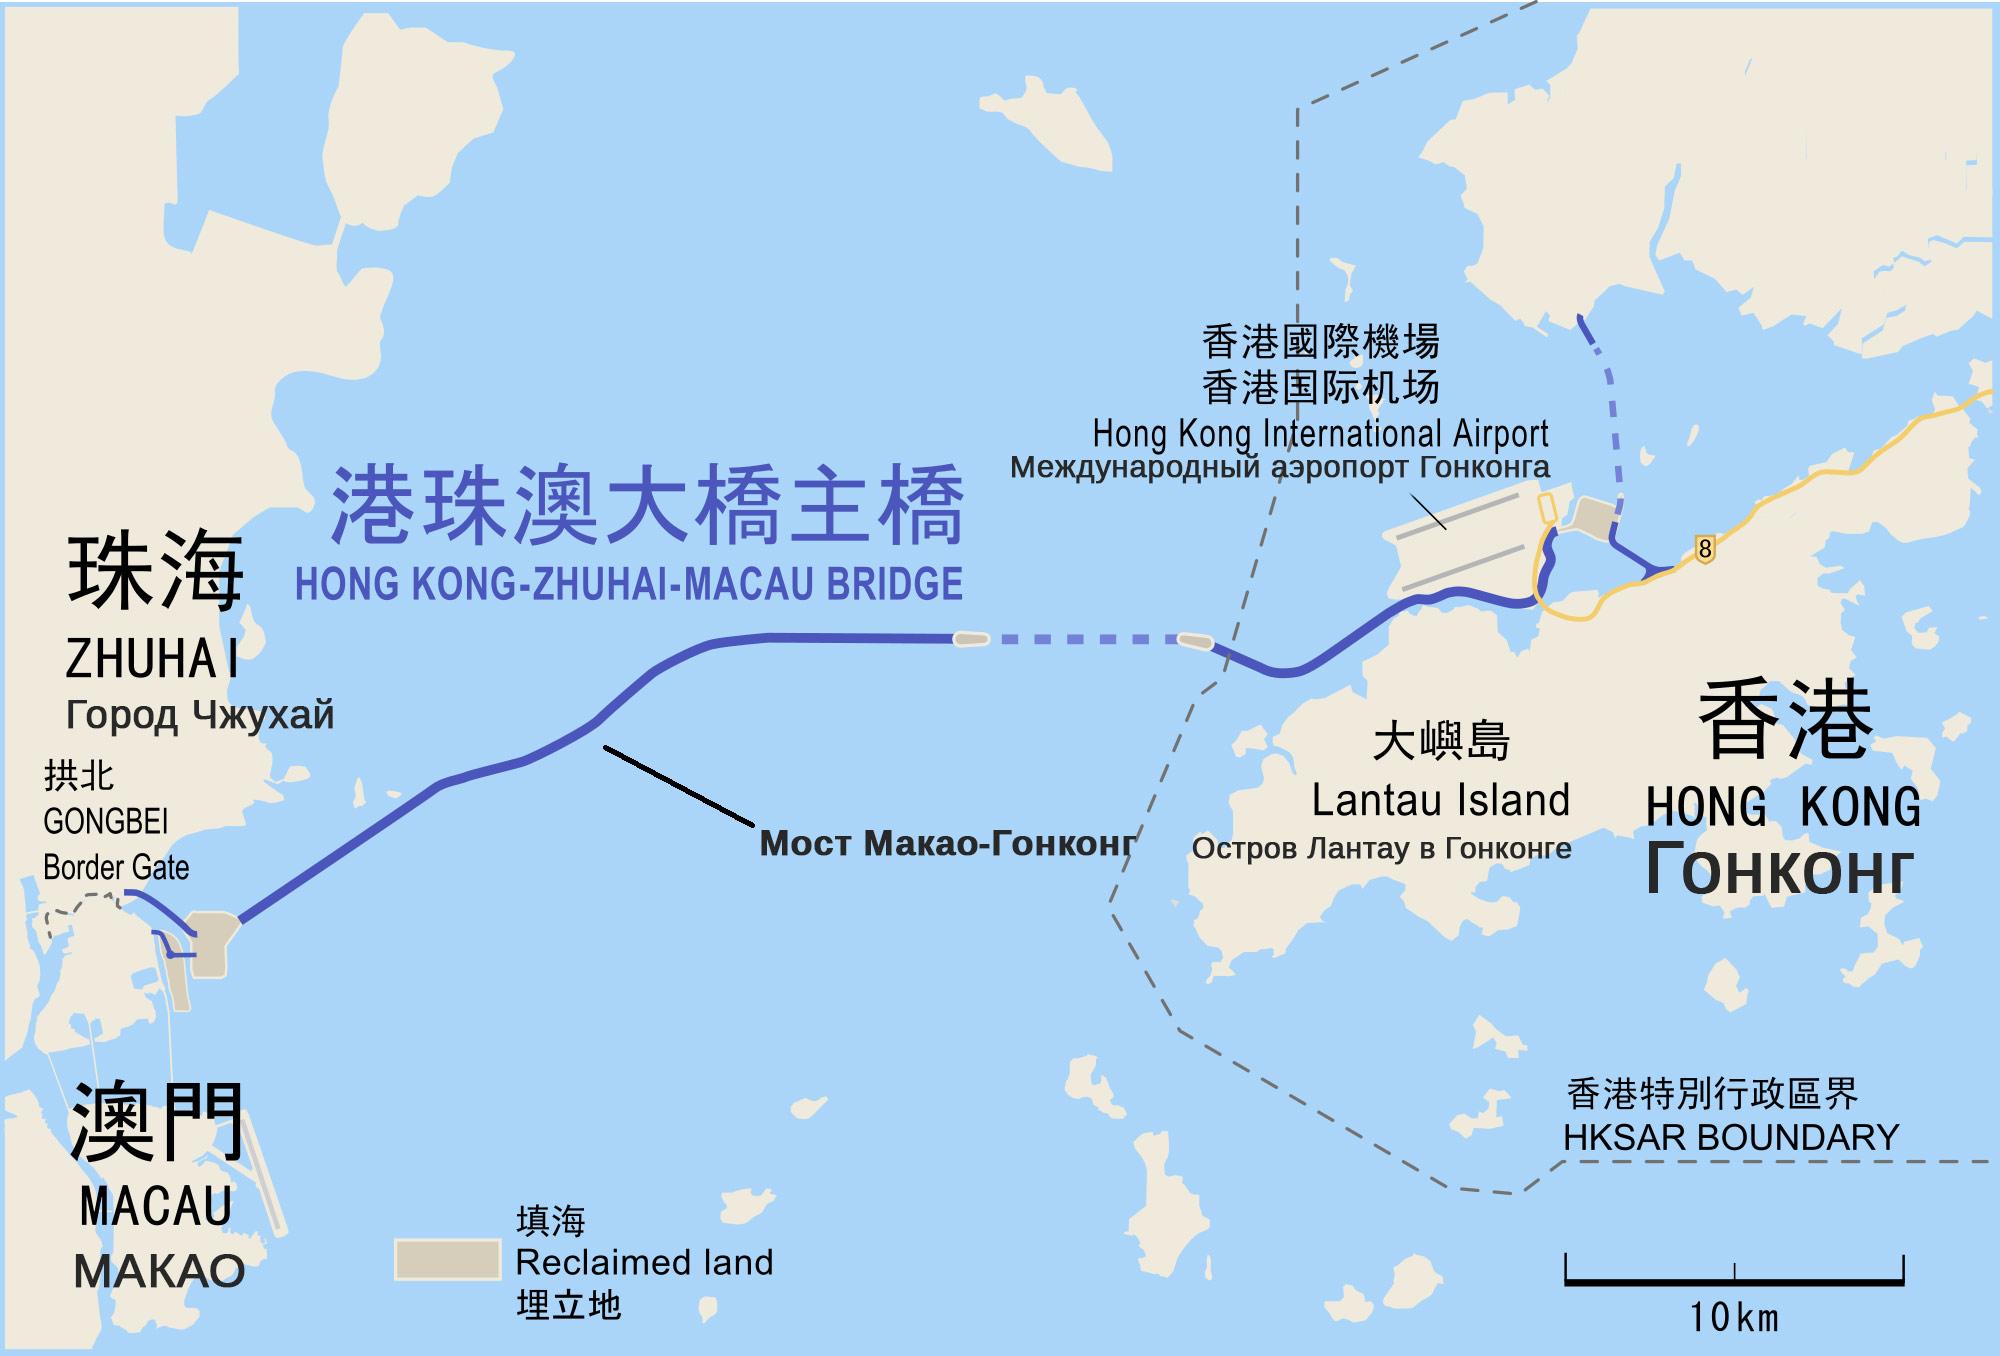 самый длинный мост в мире на карте